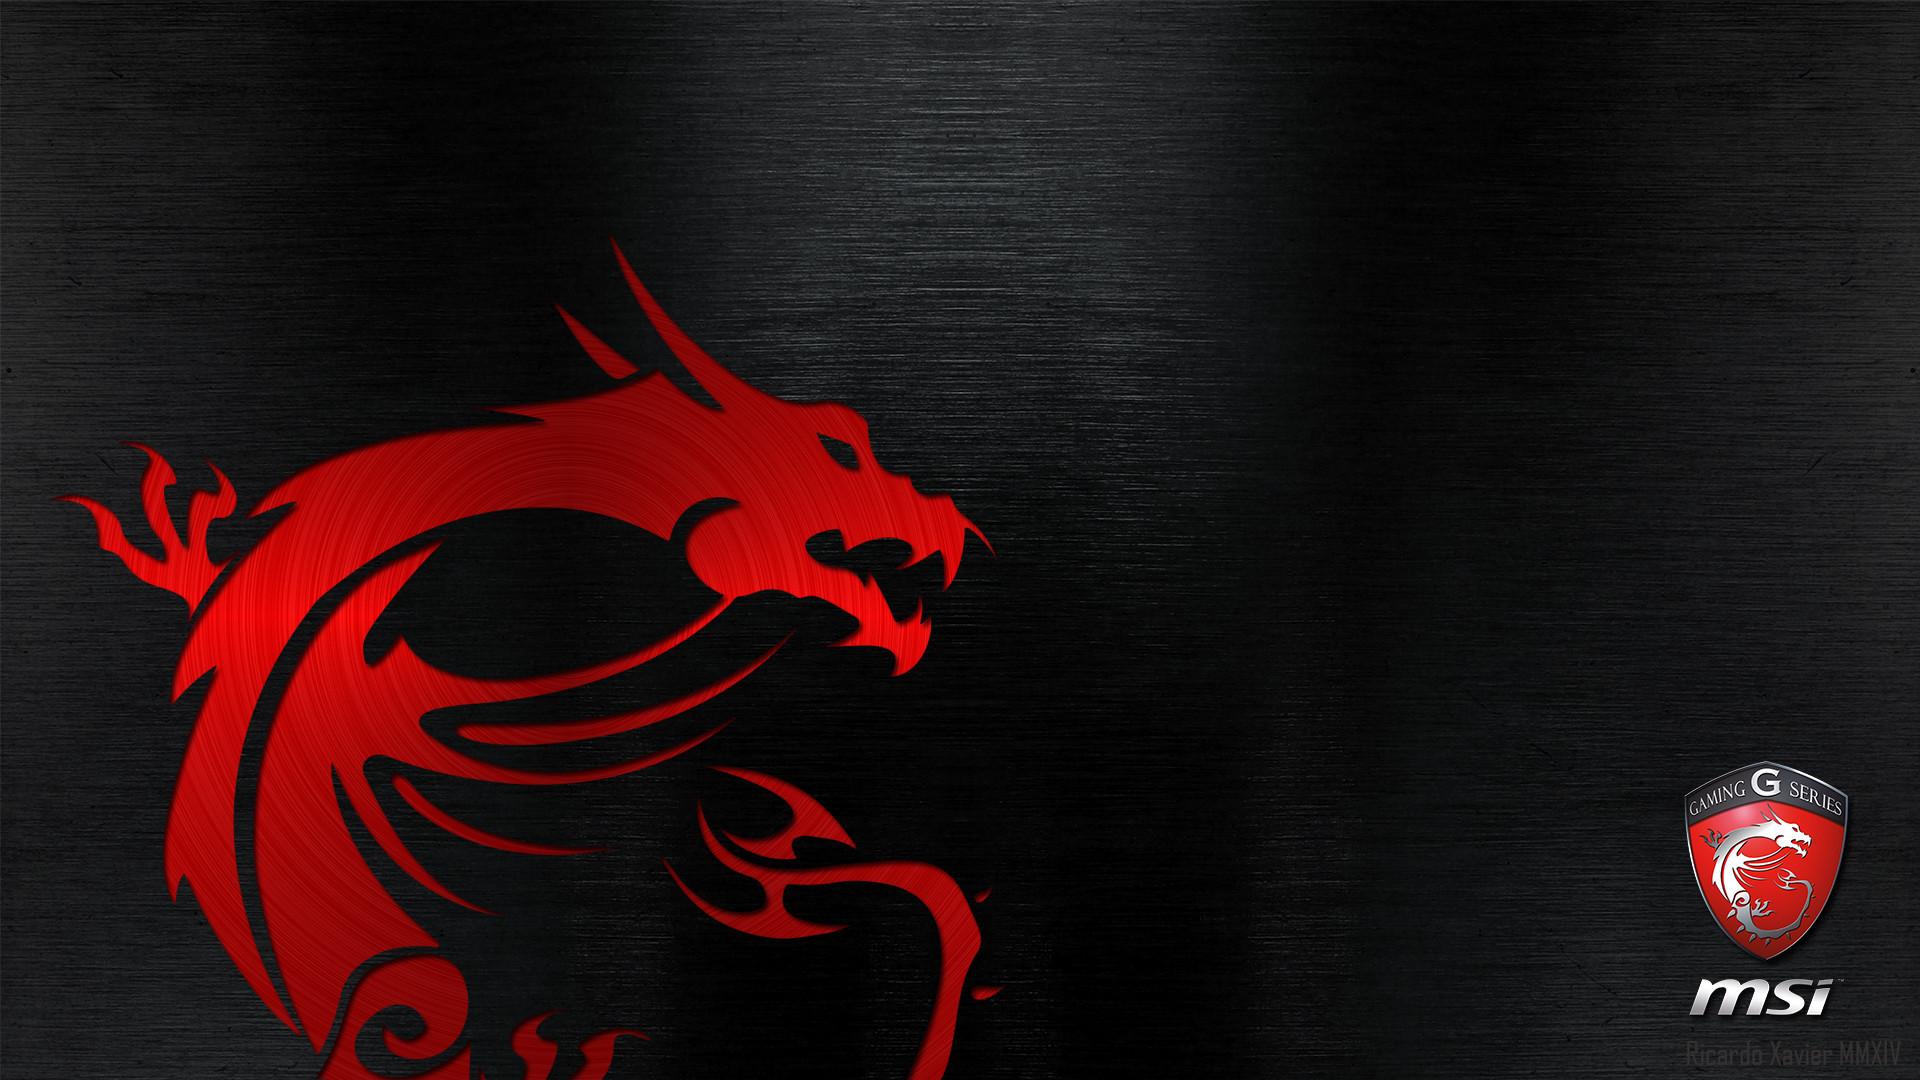 MSI Gaming Series Dragon Wallpaper by RicardoXavier on DeviantArt